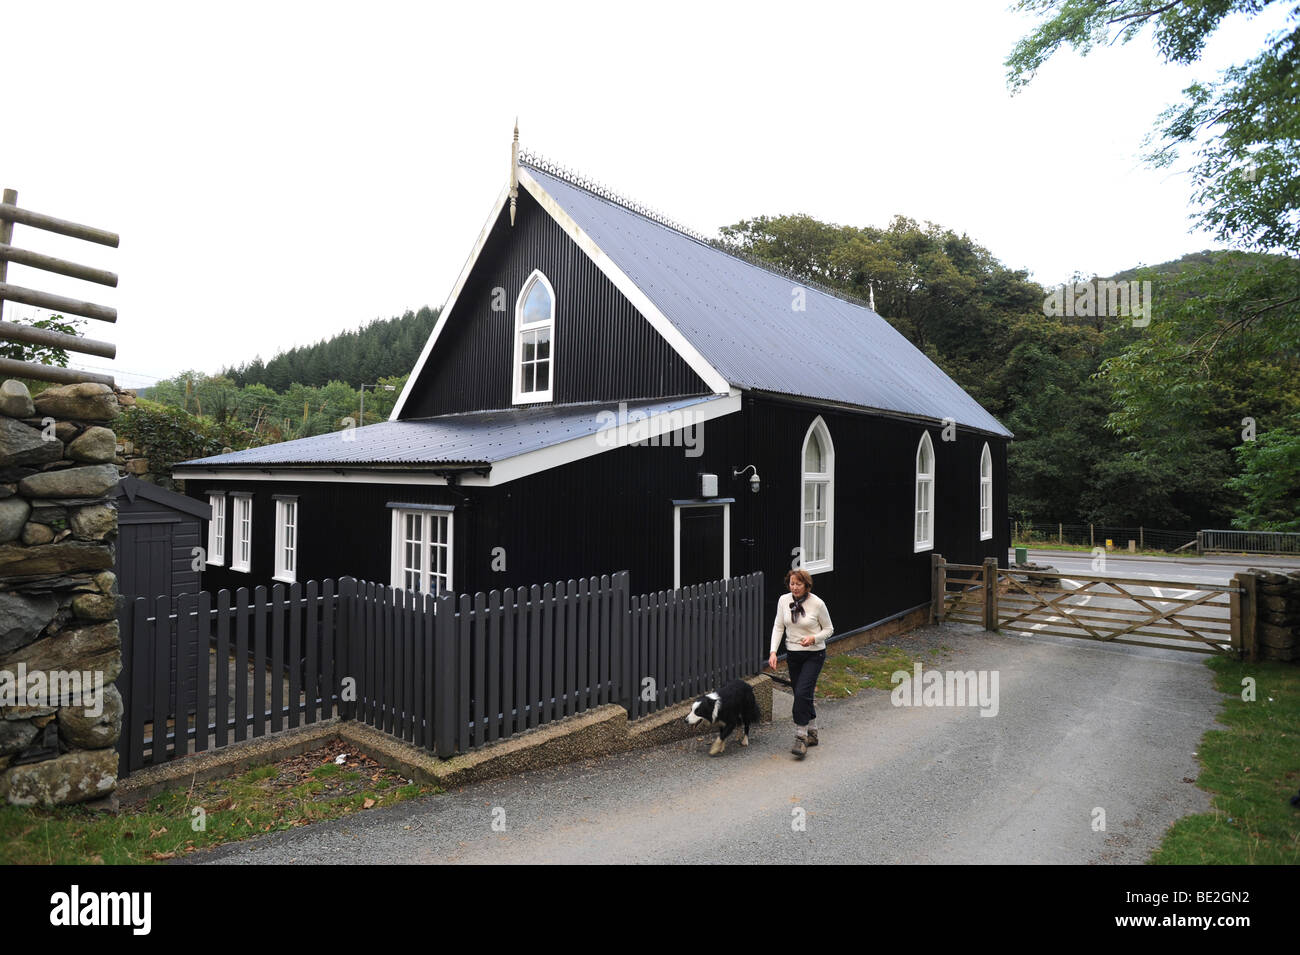 Ganllwyd Village Hall and mission hall Gwynedd Wales Great Britain - Stock Image